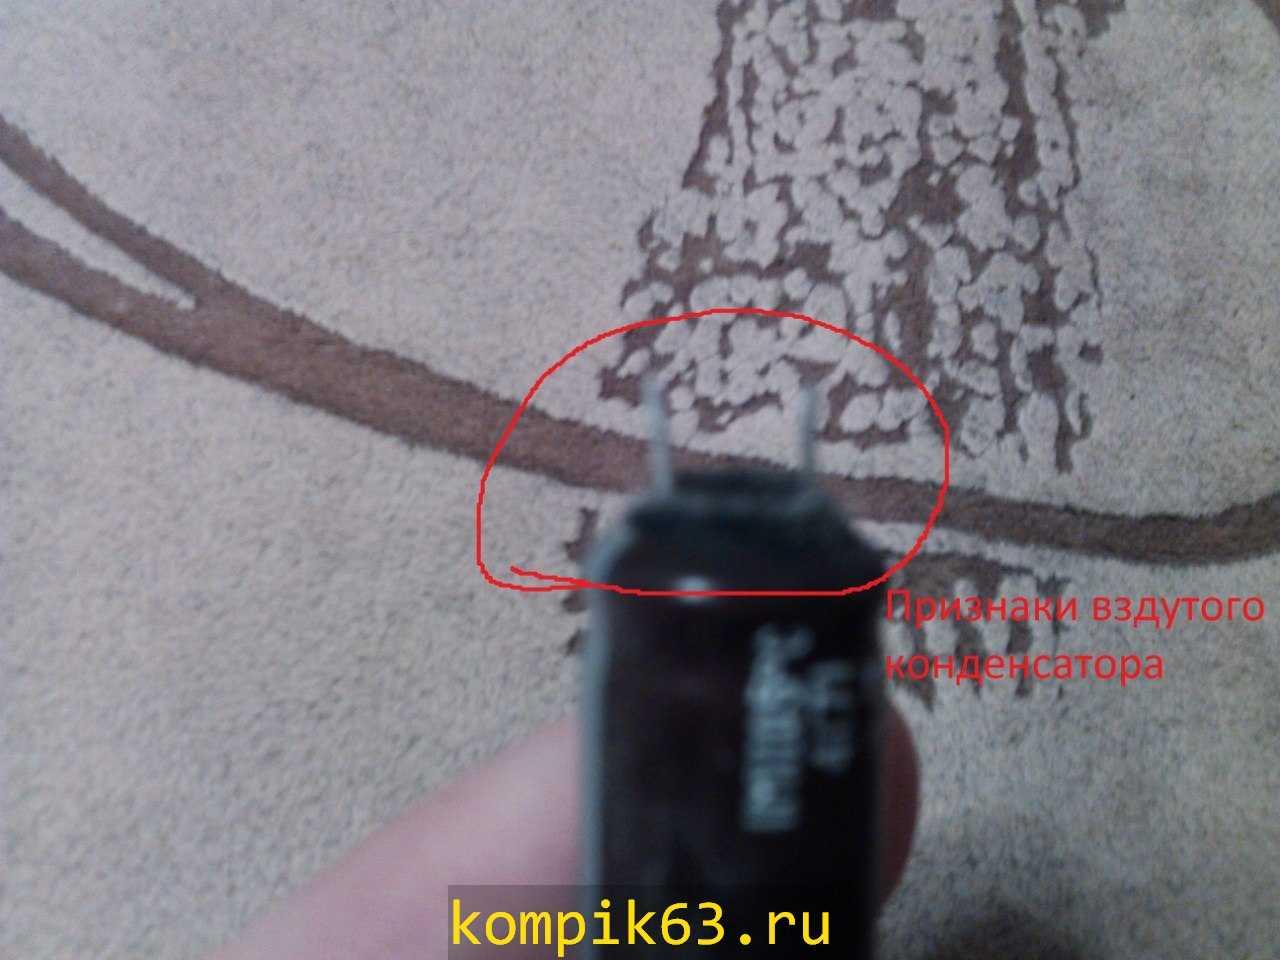 kompik63.ru-194